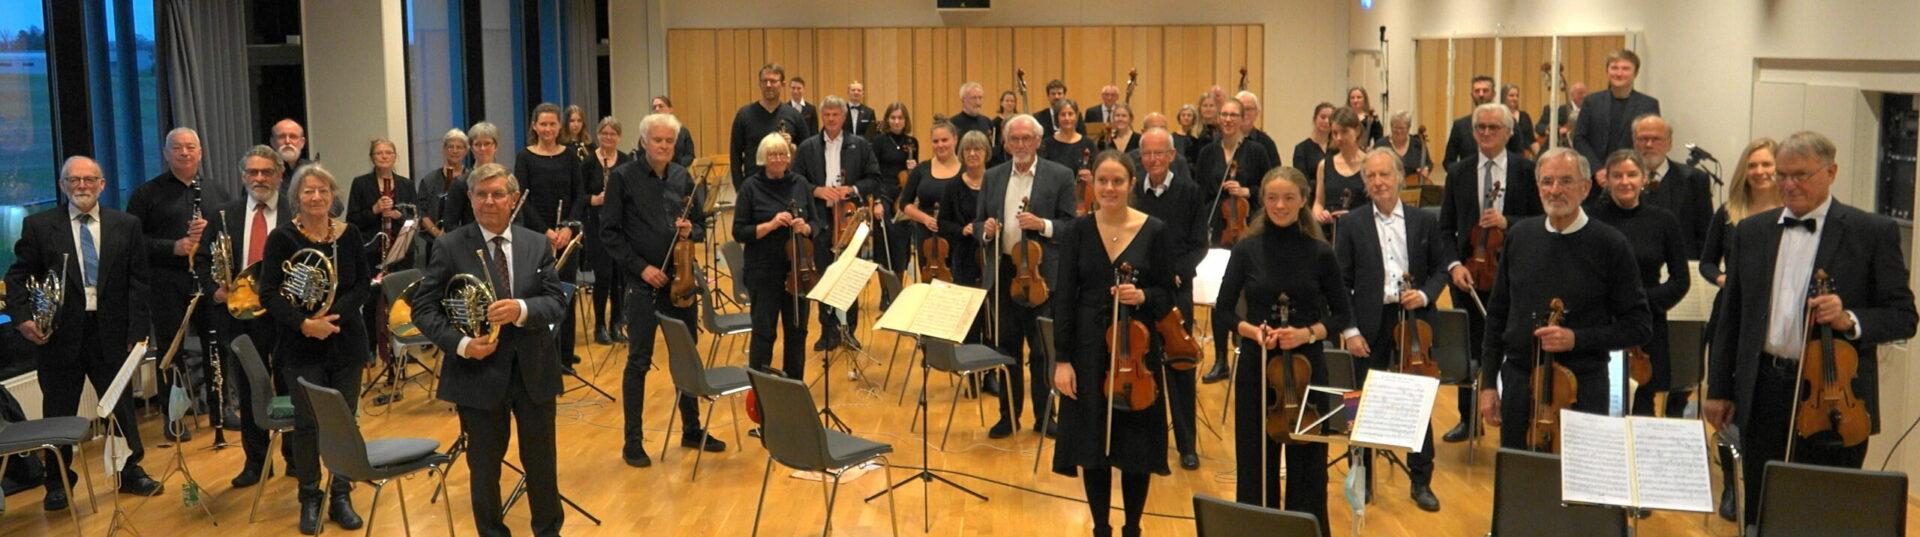 Aarhus Amatørsymfoniorkester